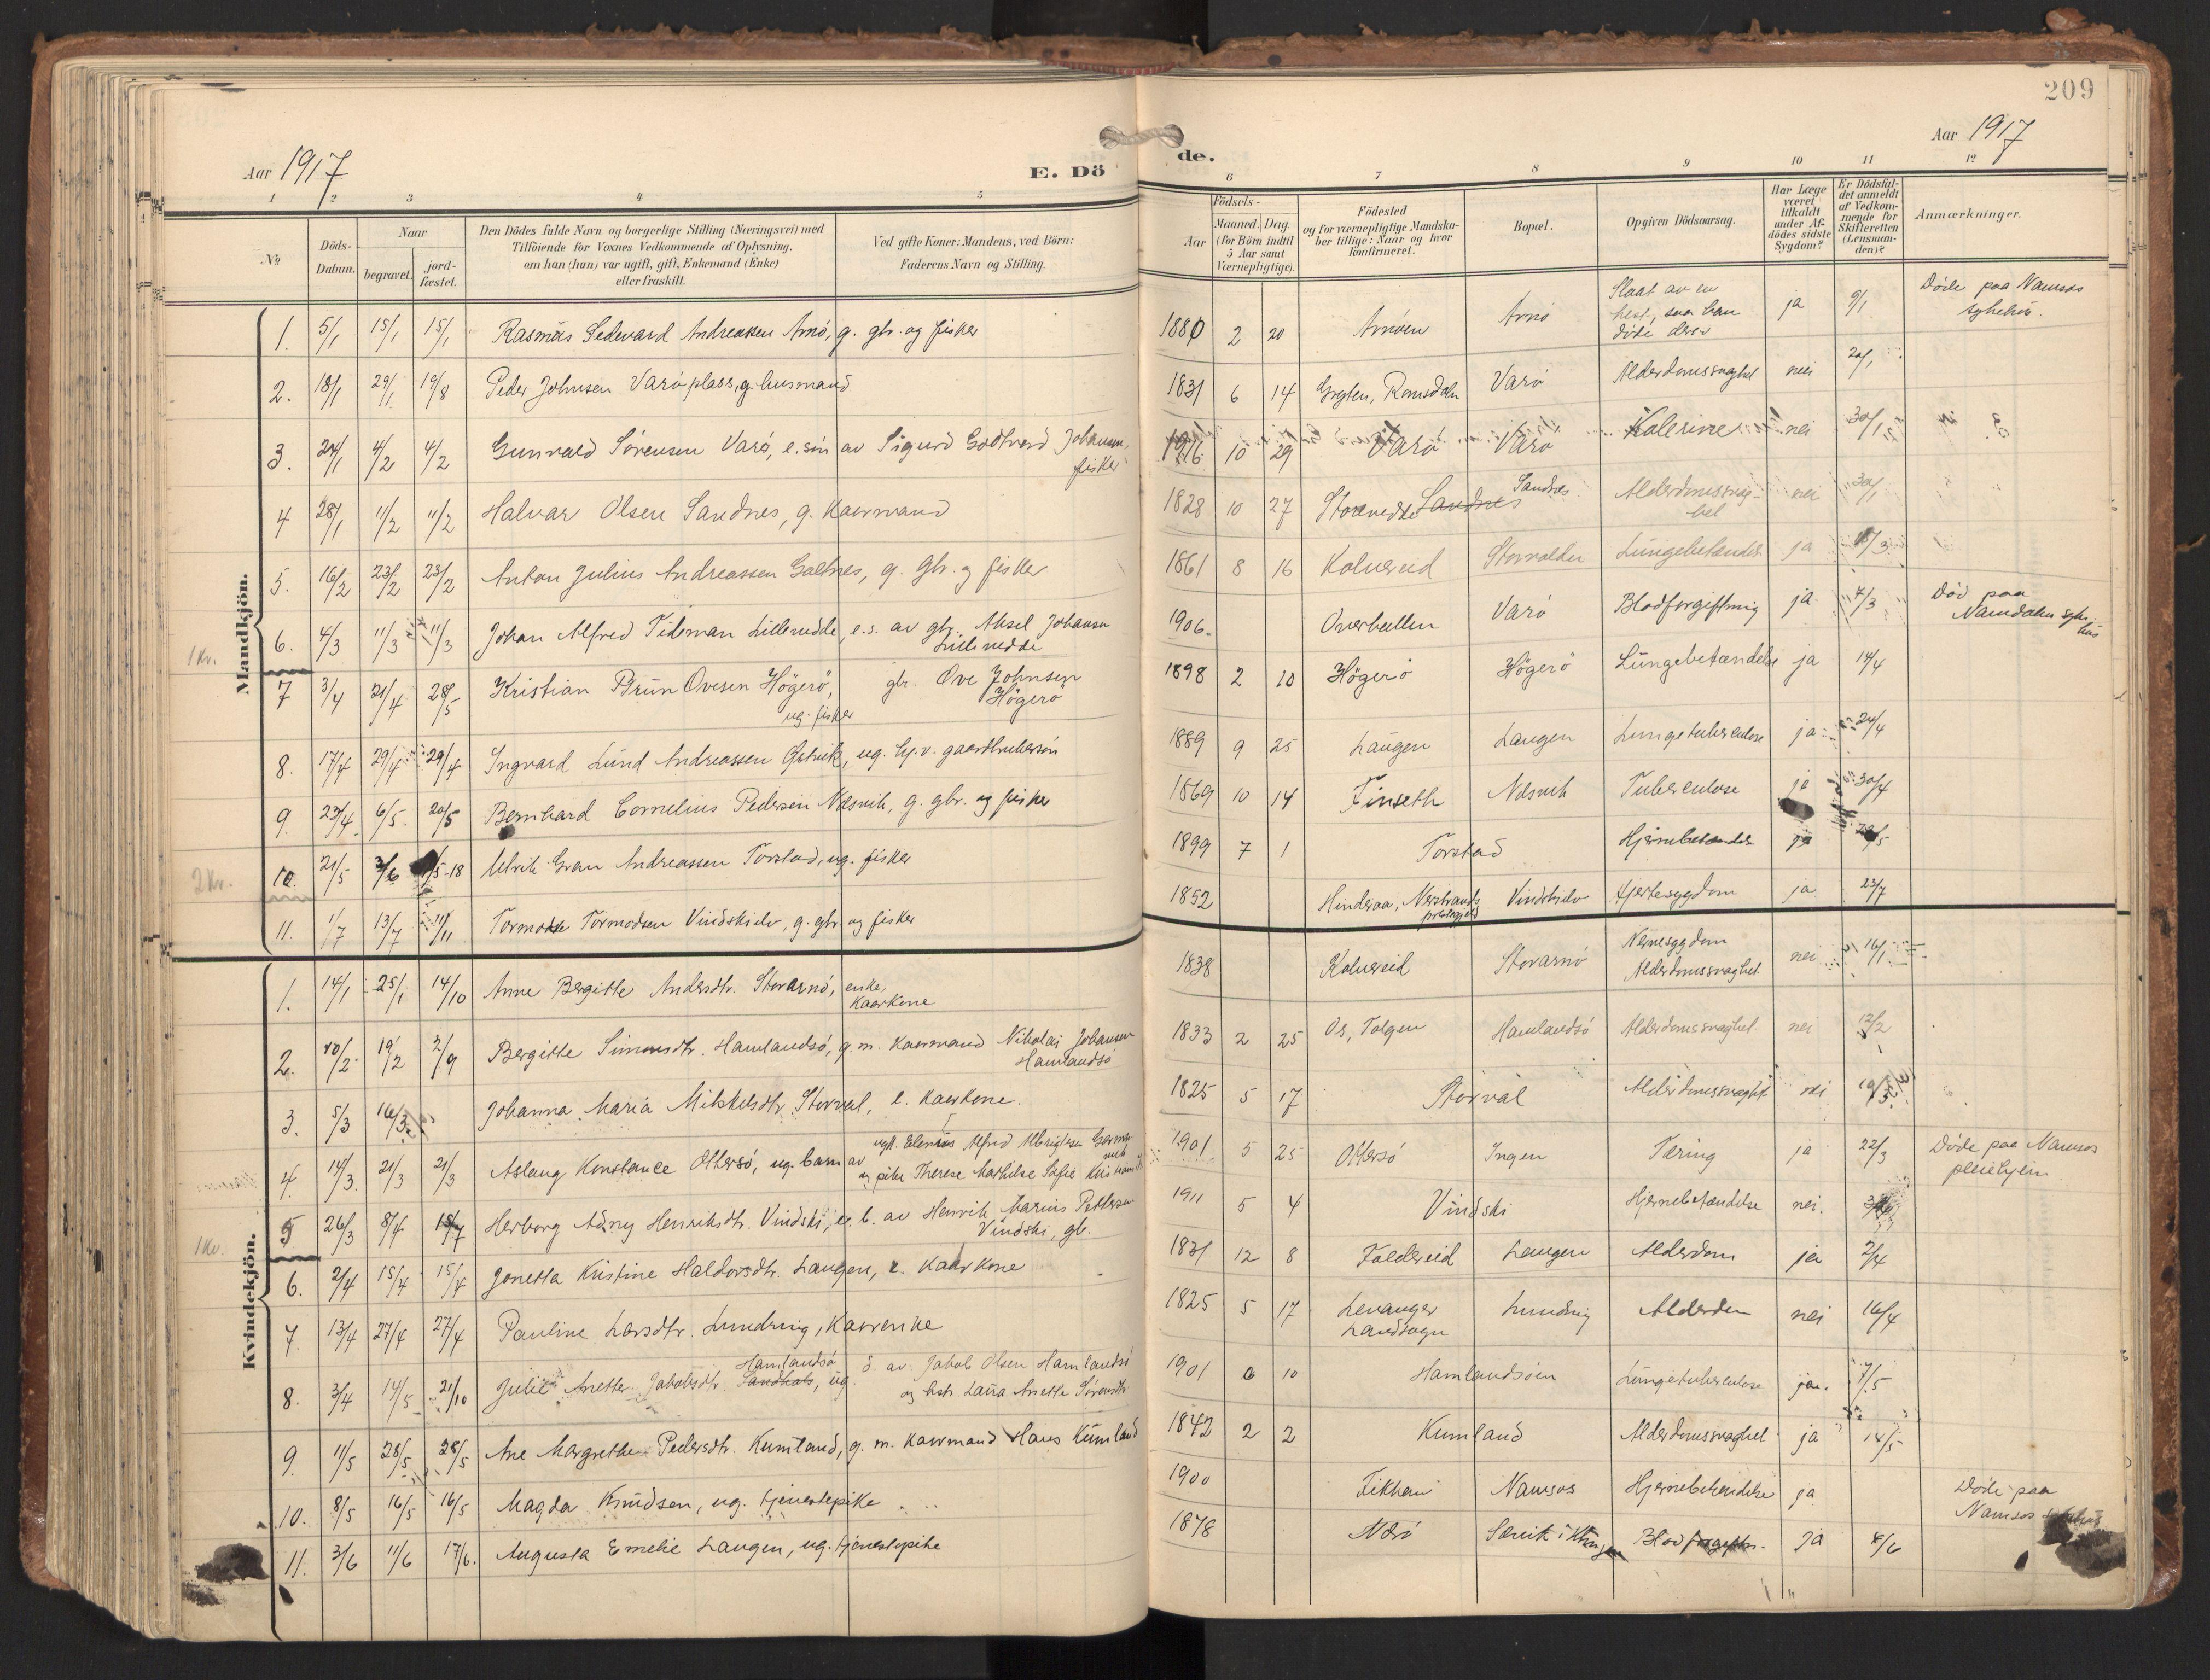 SAT, Ministerialprotokoller, klokkerbøker og fødselsregistre - Nord-Trøndelag, 784/L0677: Ministerialbok nr. 784A12, 1900-1920, s. 209